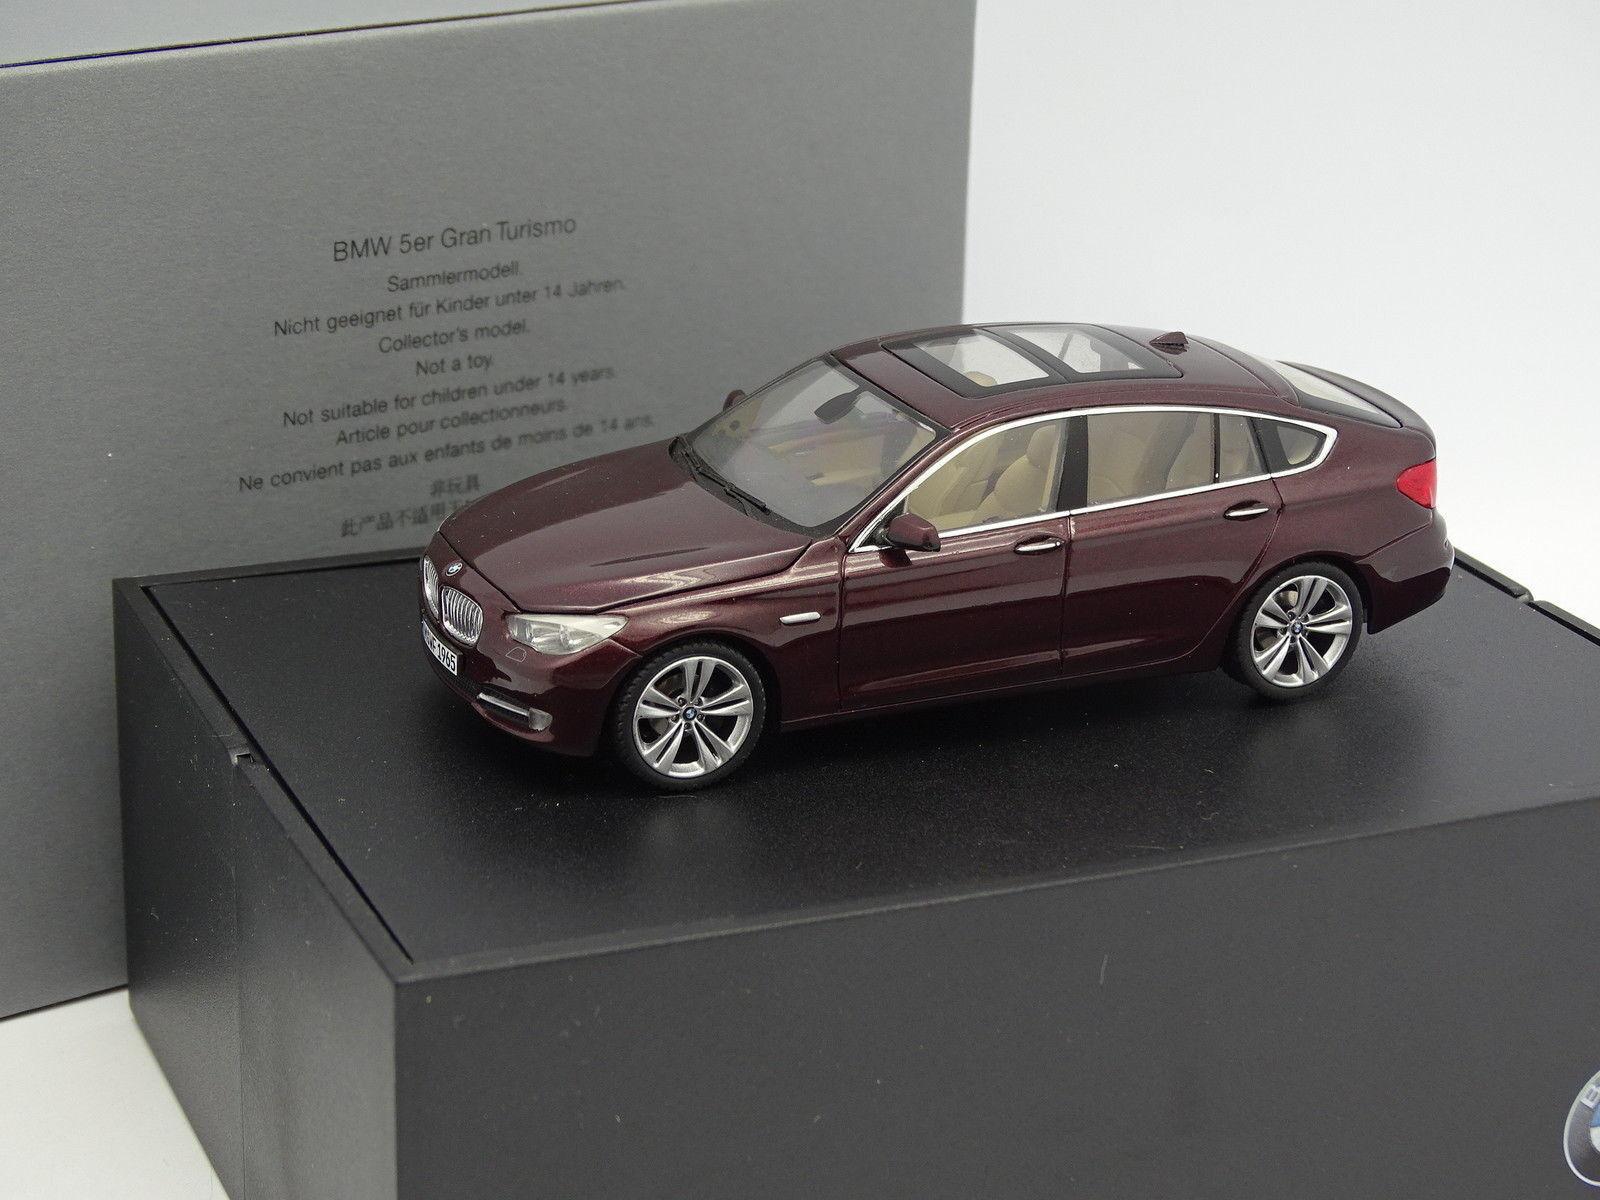 sconto Kyosho 1 43 - BMW BMW BMW Serie 5 Gt Gran Turismo Rosso  acquisto limitato